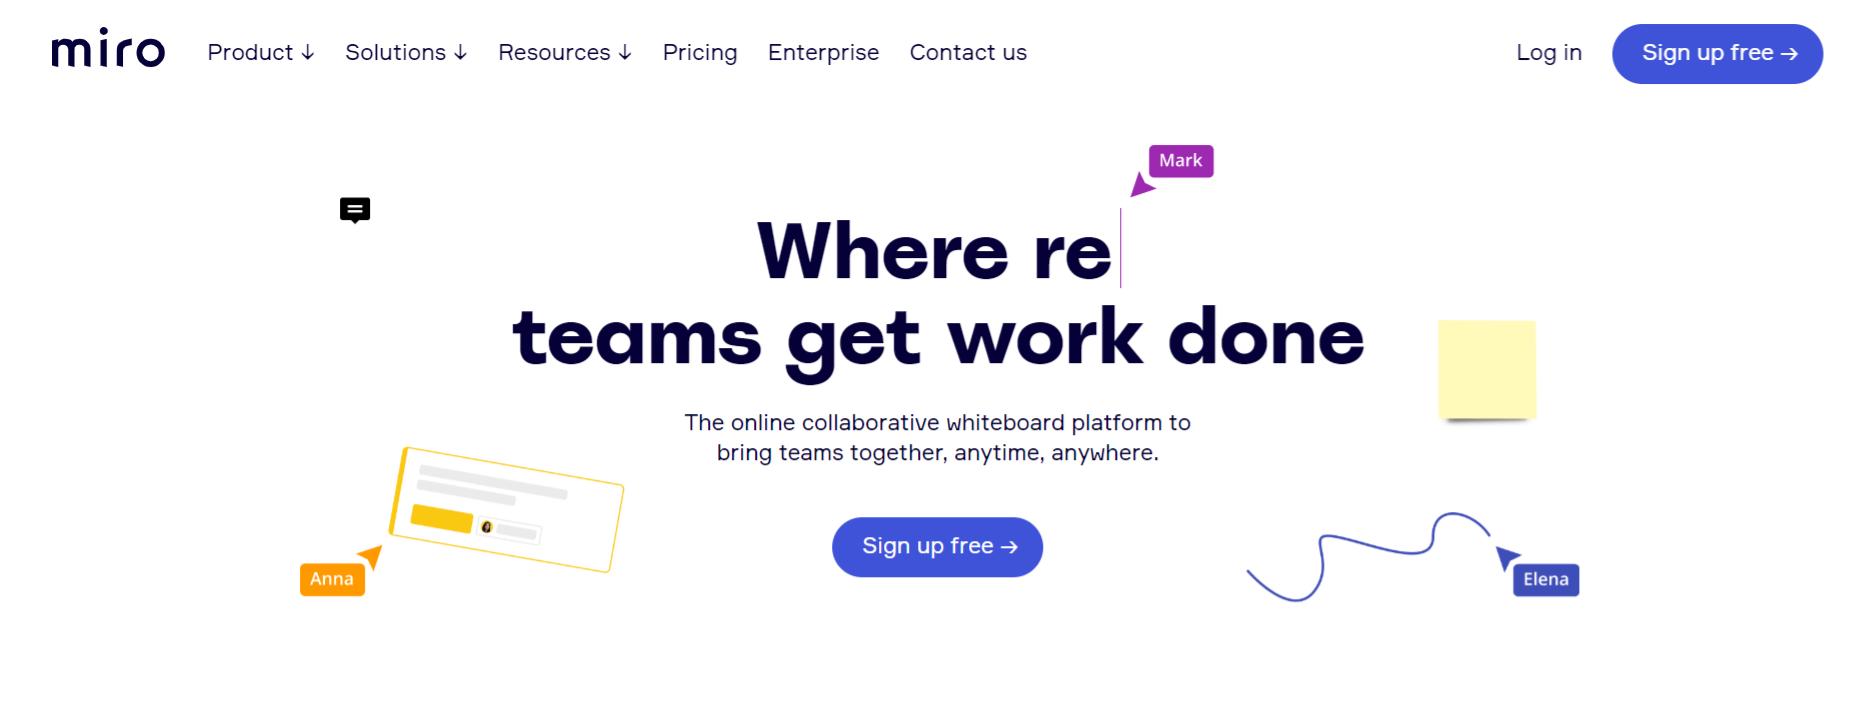 Miro: Remote collabortaion tool